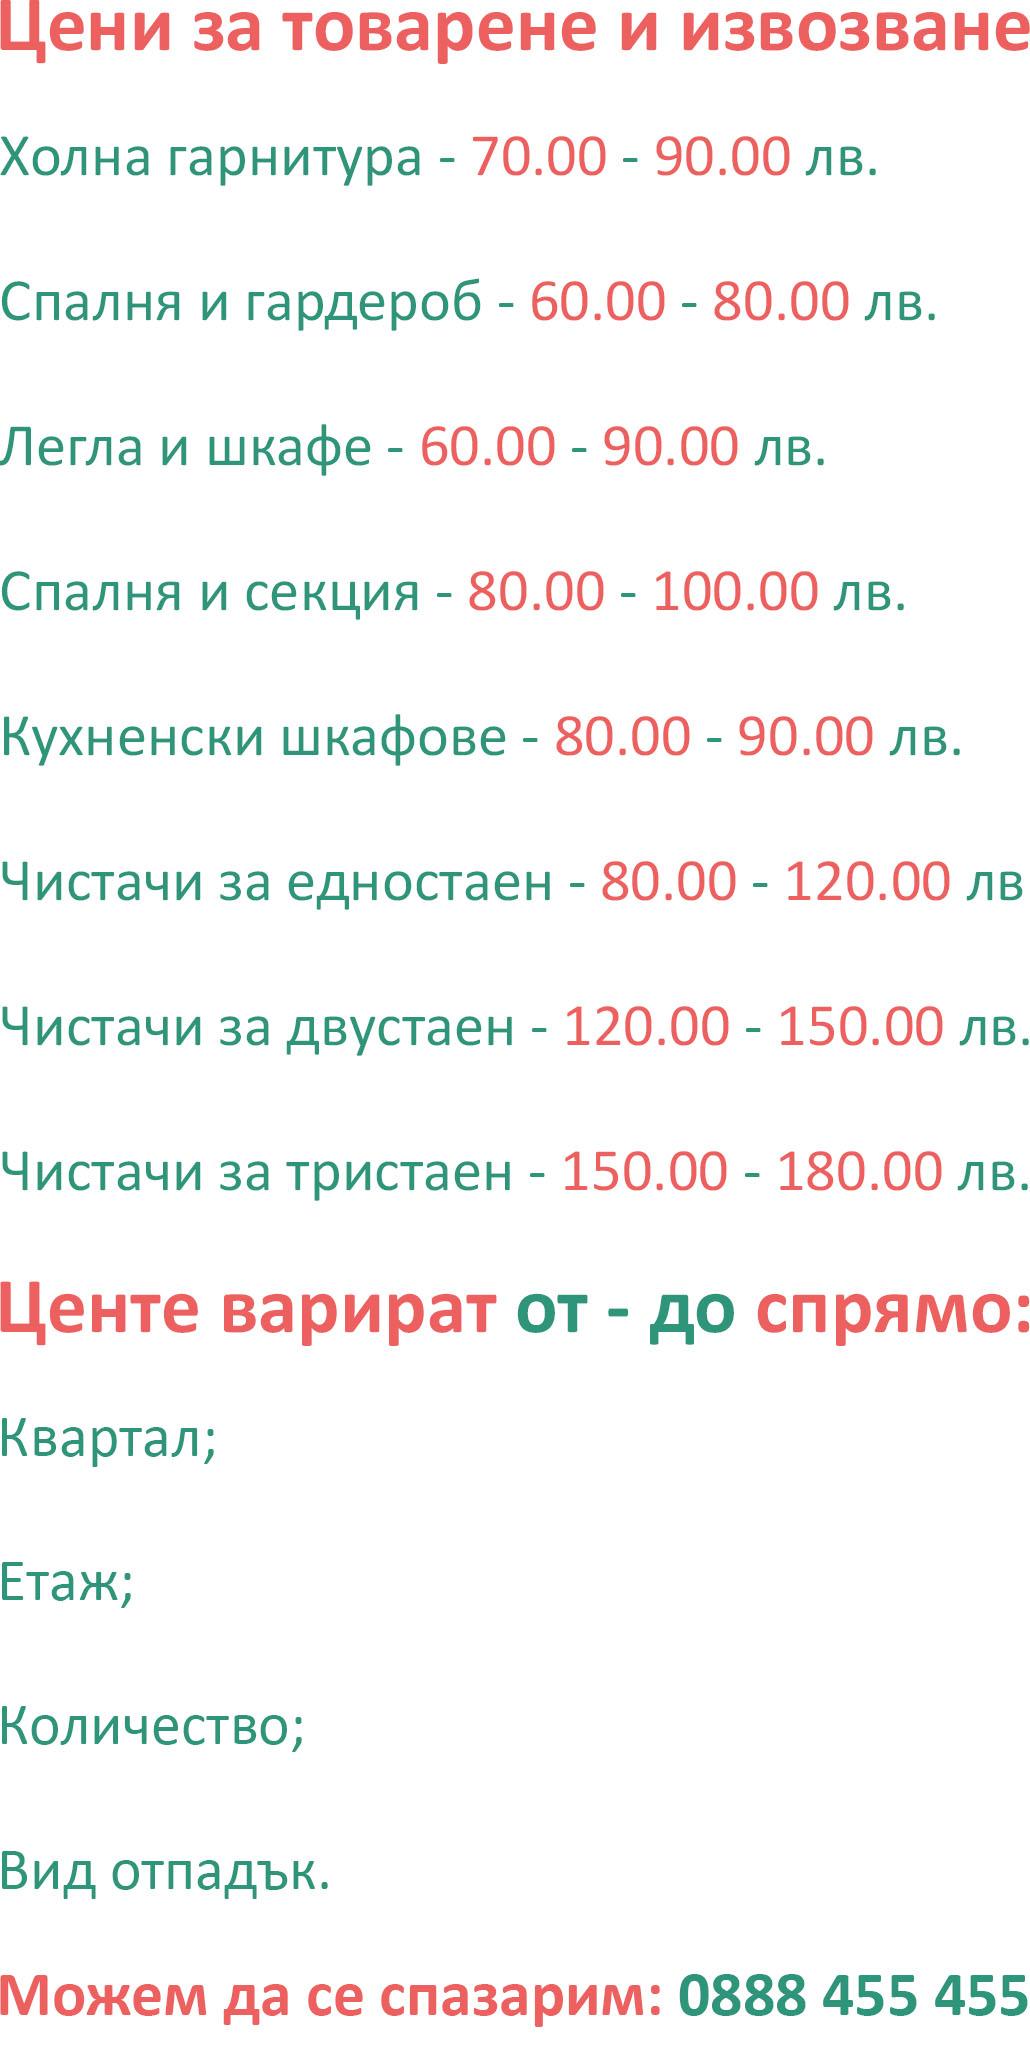 Цени Хамали за почистване и извозване в София